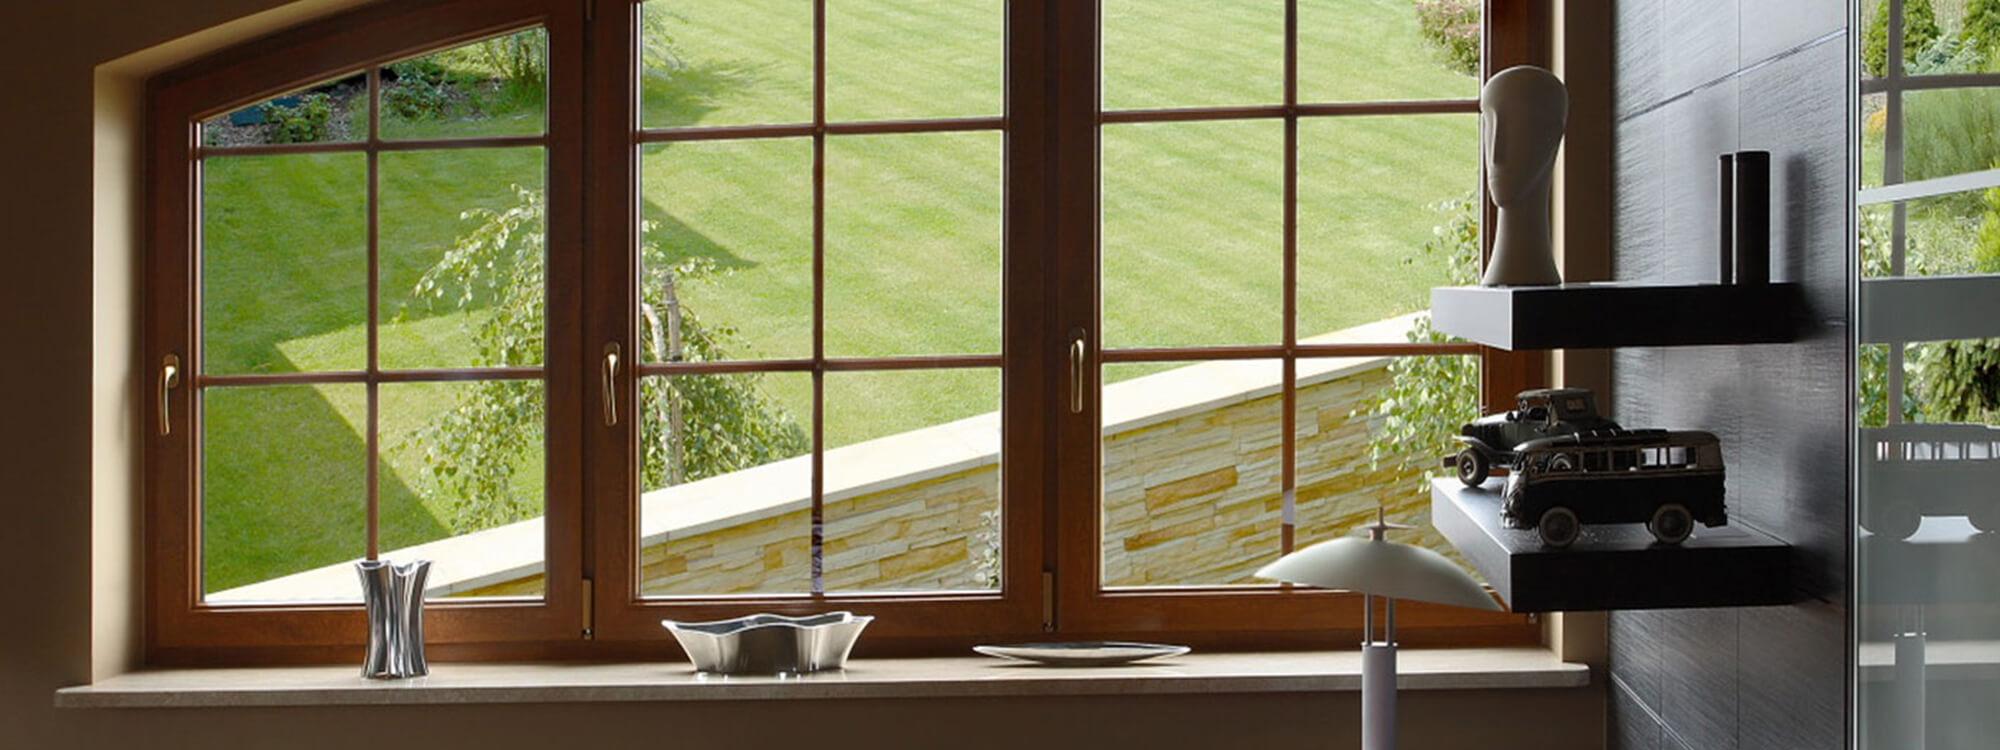 profen sp cialiste des fen tres portes volets et portes de garage pr s de pontarlier. Black Bedroom Furniture Sets. Home Design Ideas